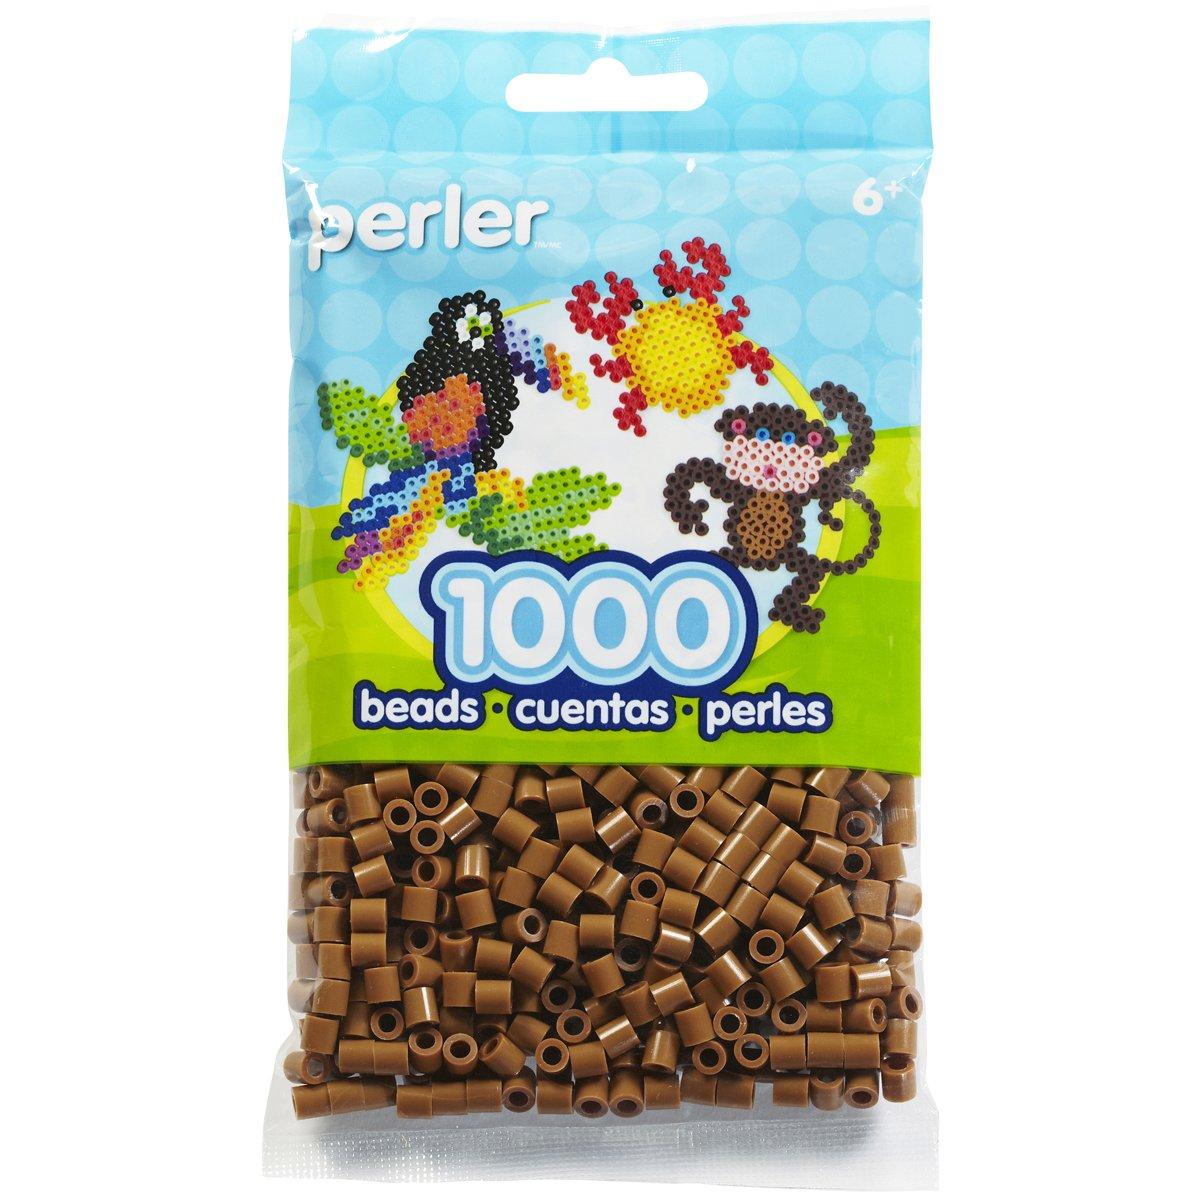 Canutillos Perler Fuse Beads, 1000 unidades, marron claro